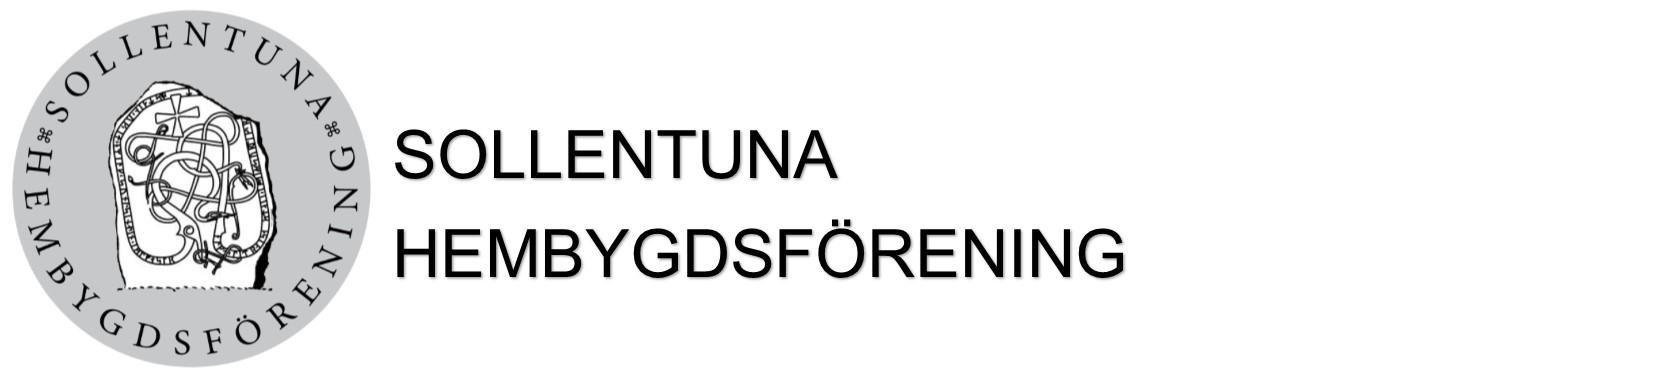 Sollentuna Hembygdsförening